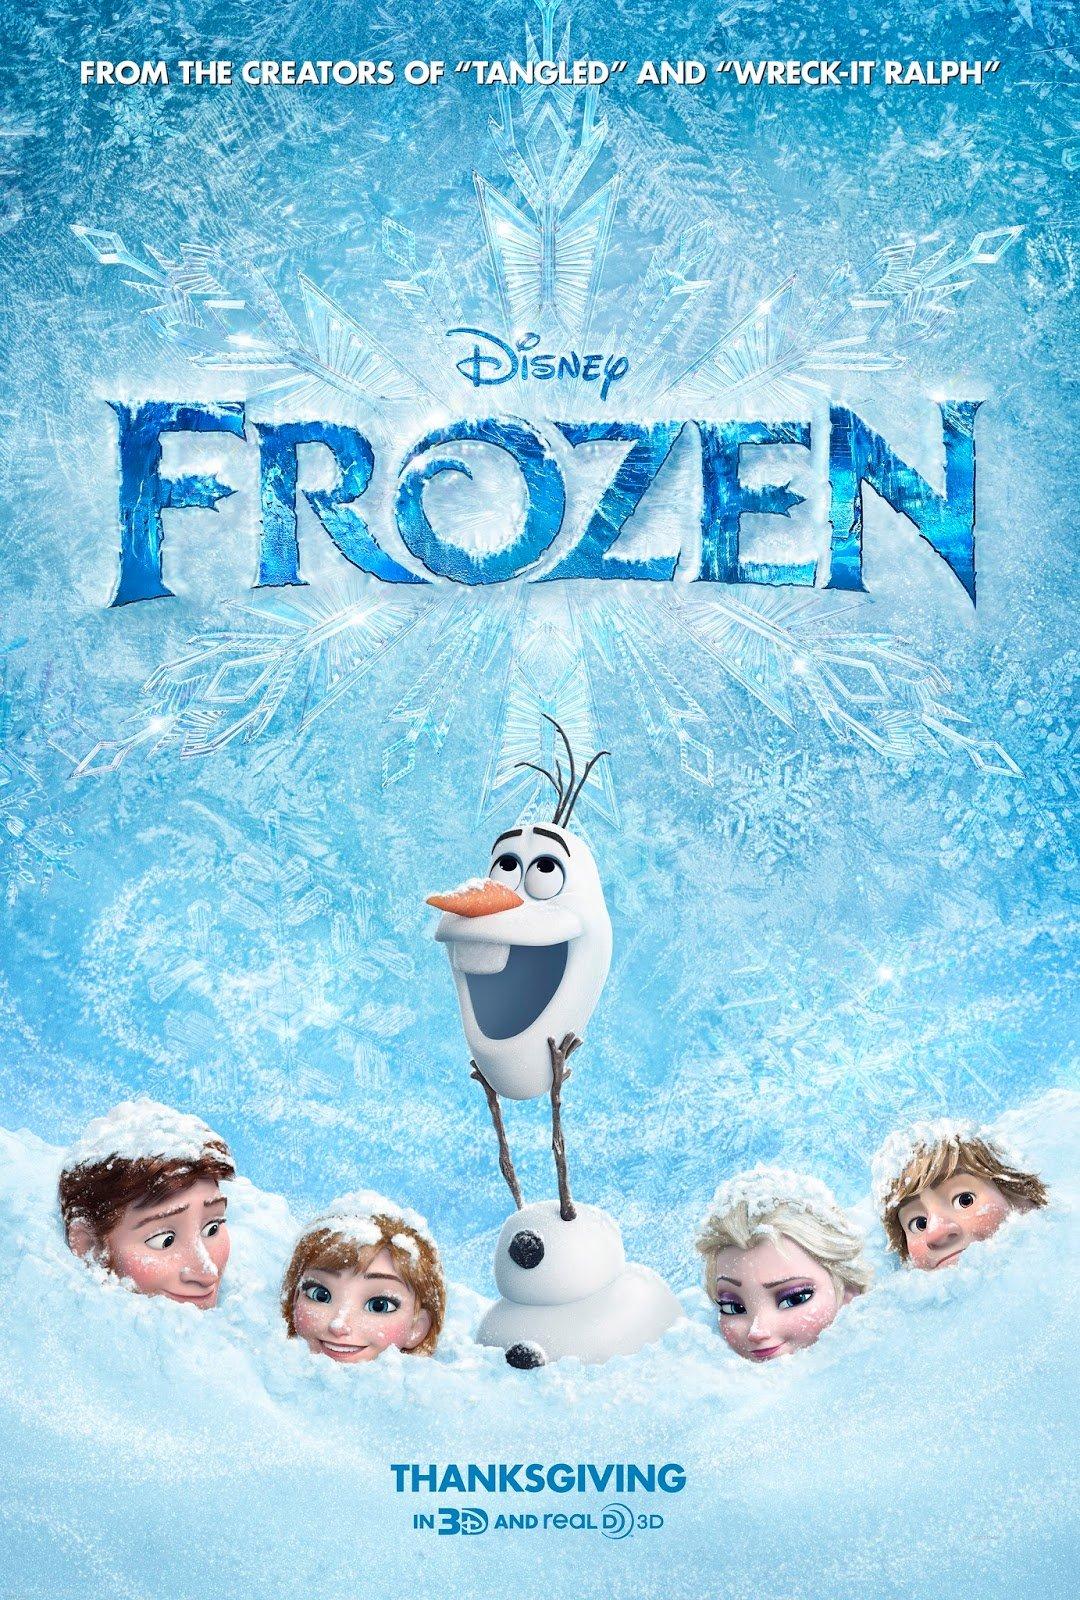 Disneys Frozen